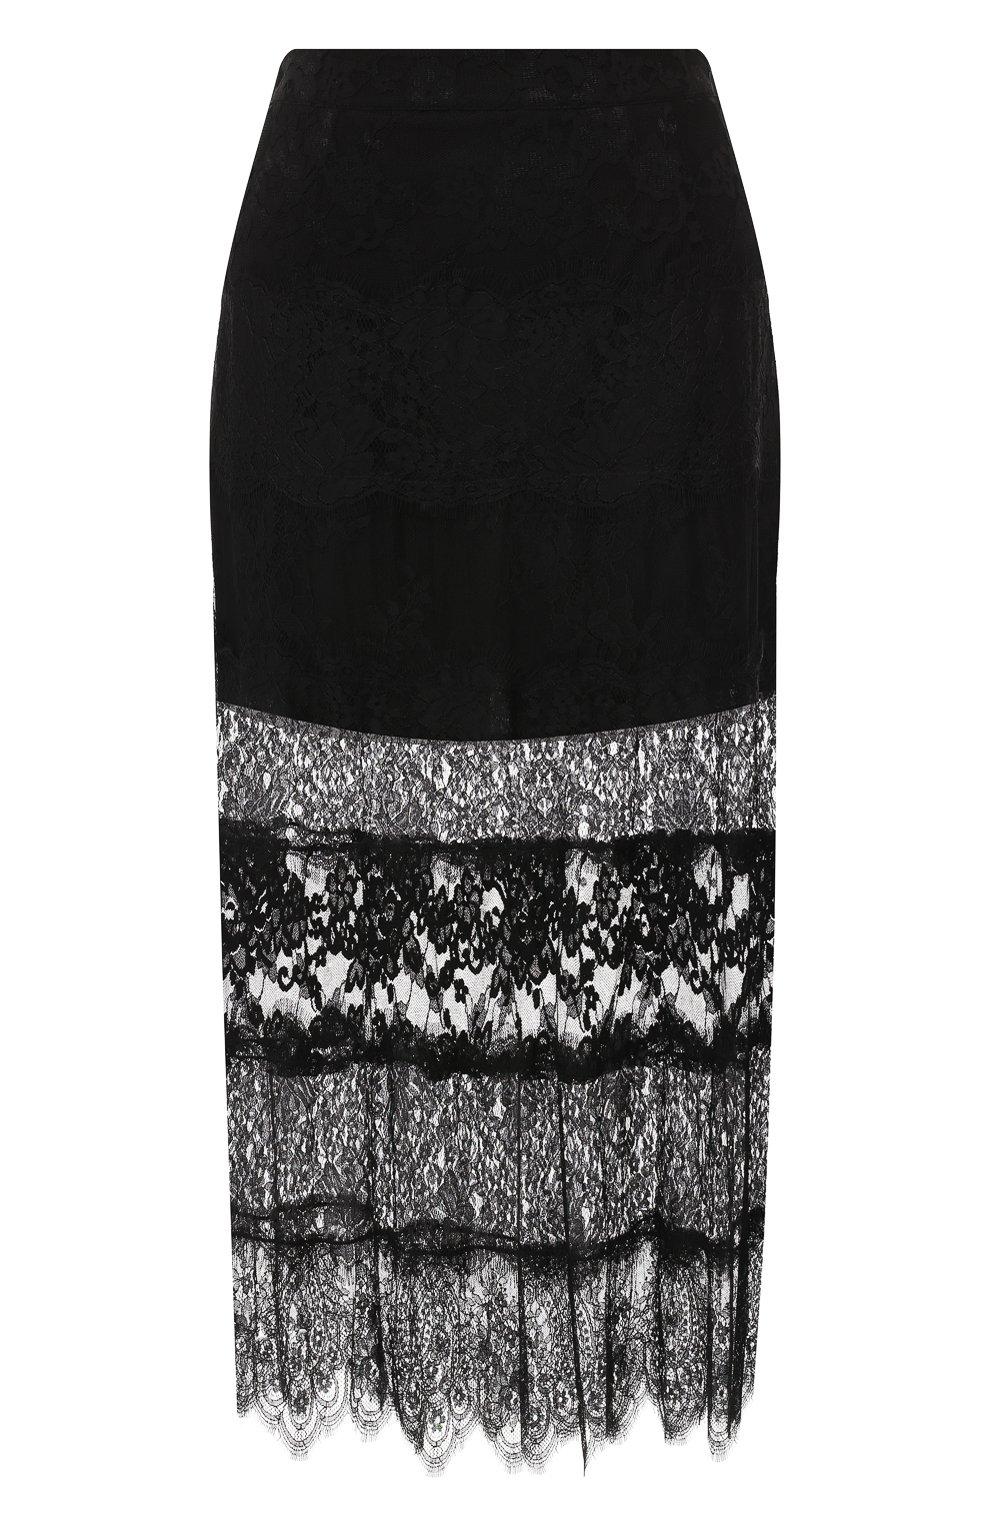 Женская юбка с кружевной отделкой MCQ SWALLOW черного цвета, арт. 545651/RMJ34   Фото 1 (Материал внешний: Синтетический материал; Длина Ж (юбки, платья, шорты): Миди; Статус проверки: Проверено, Проверена категория)